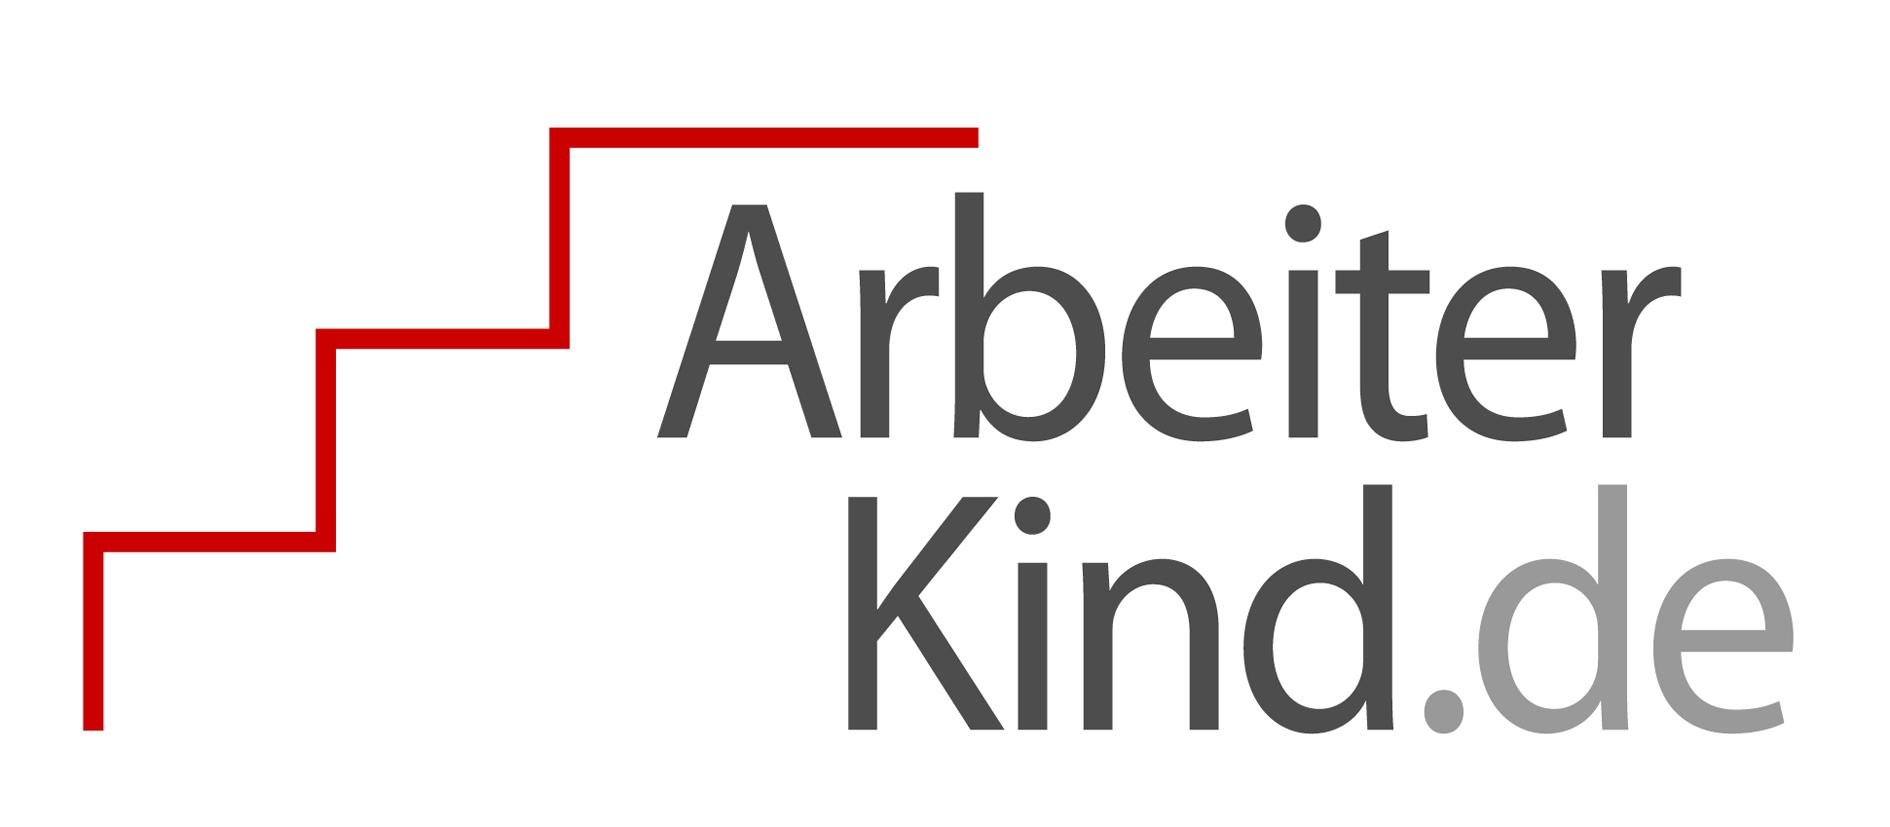 ArbeiterKind.de, gemeinnützige GmbH